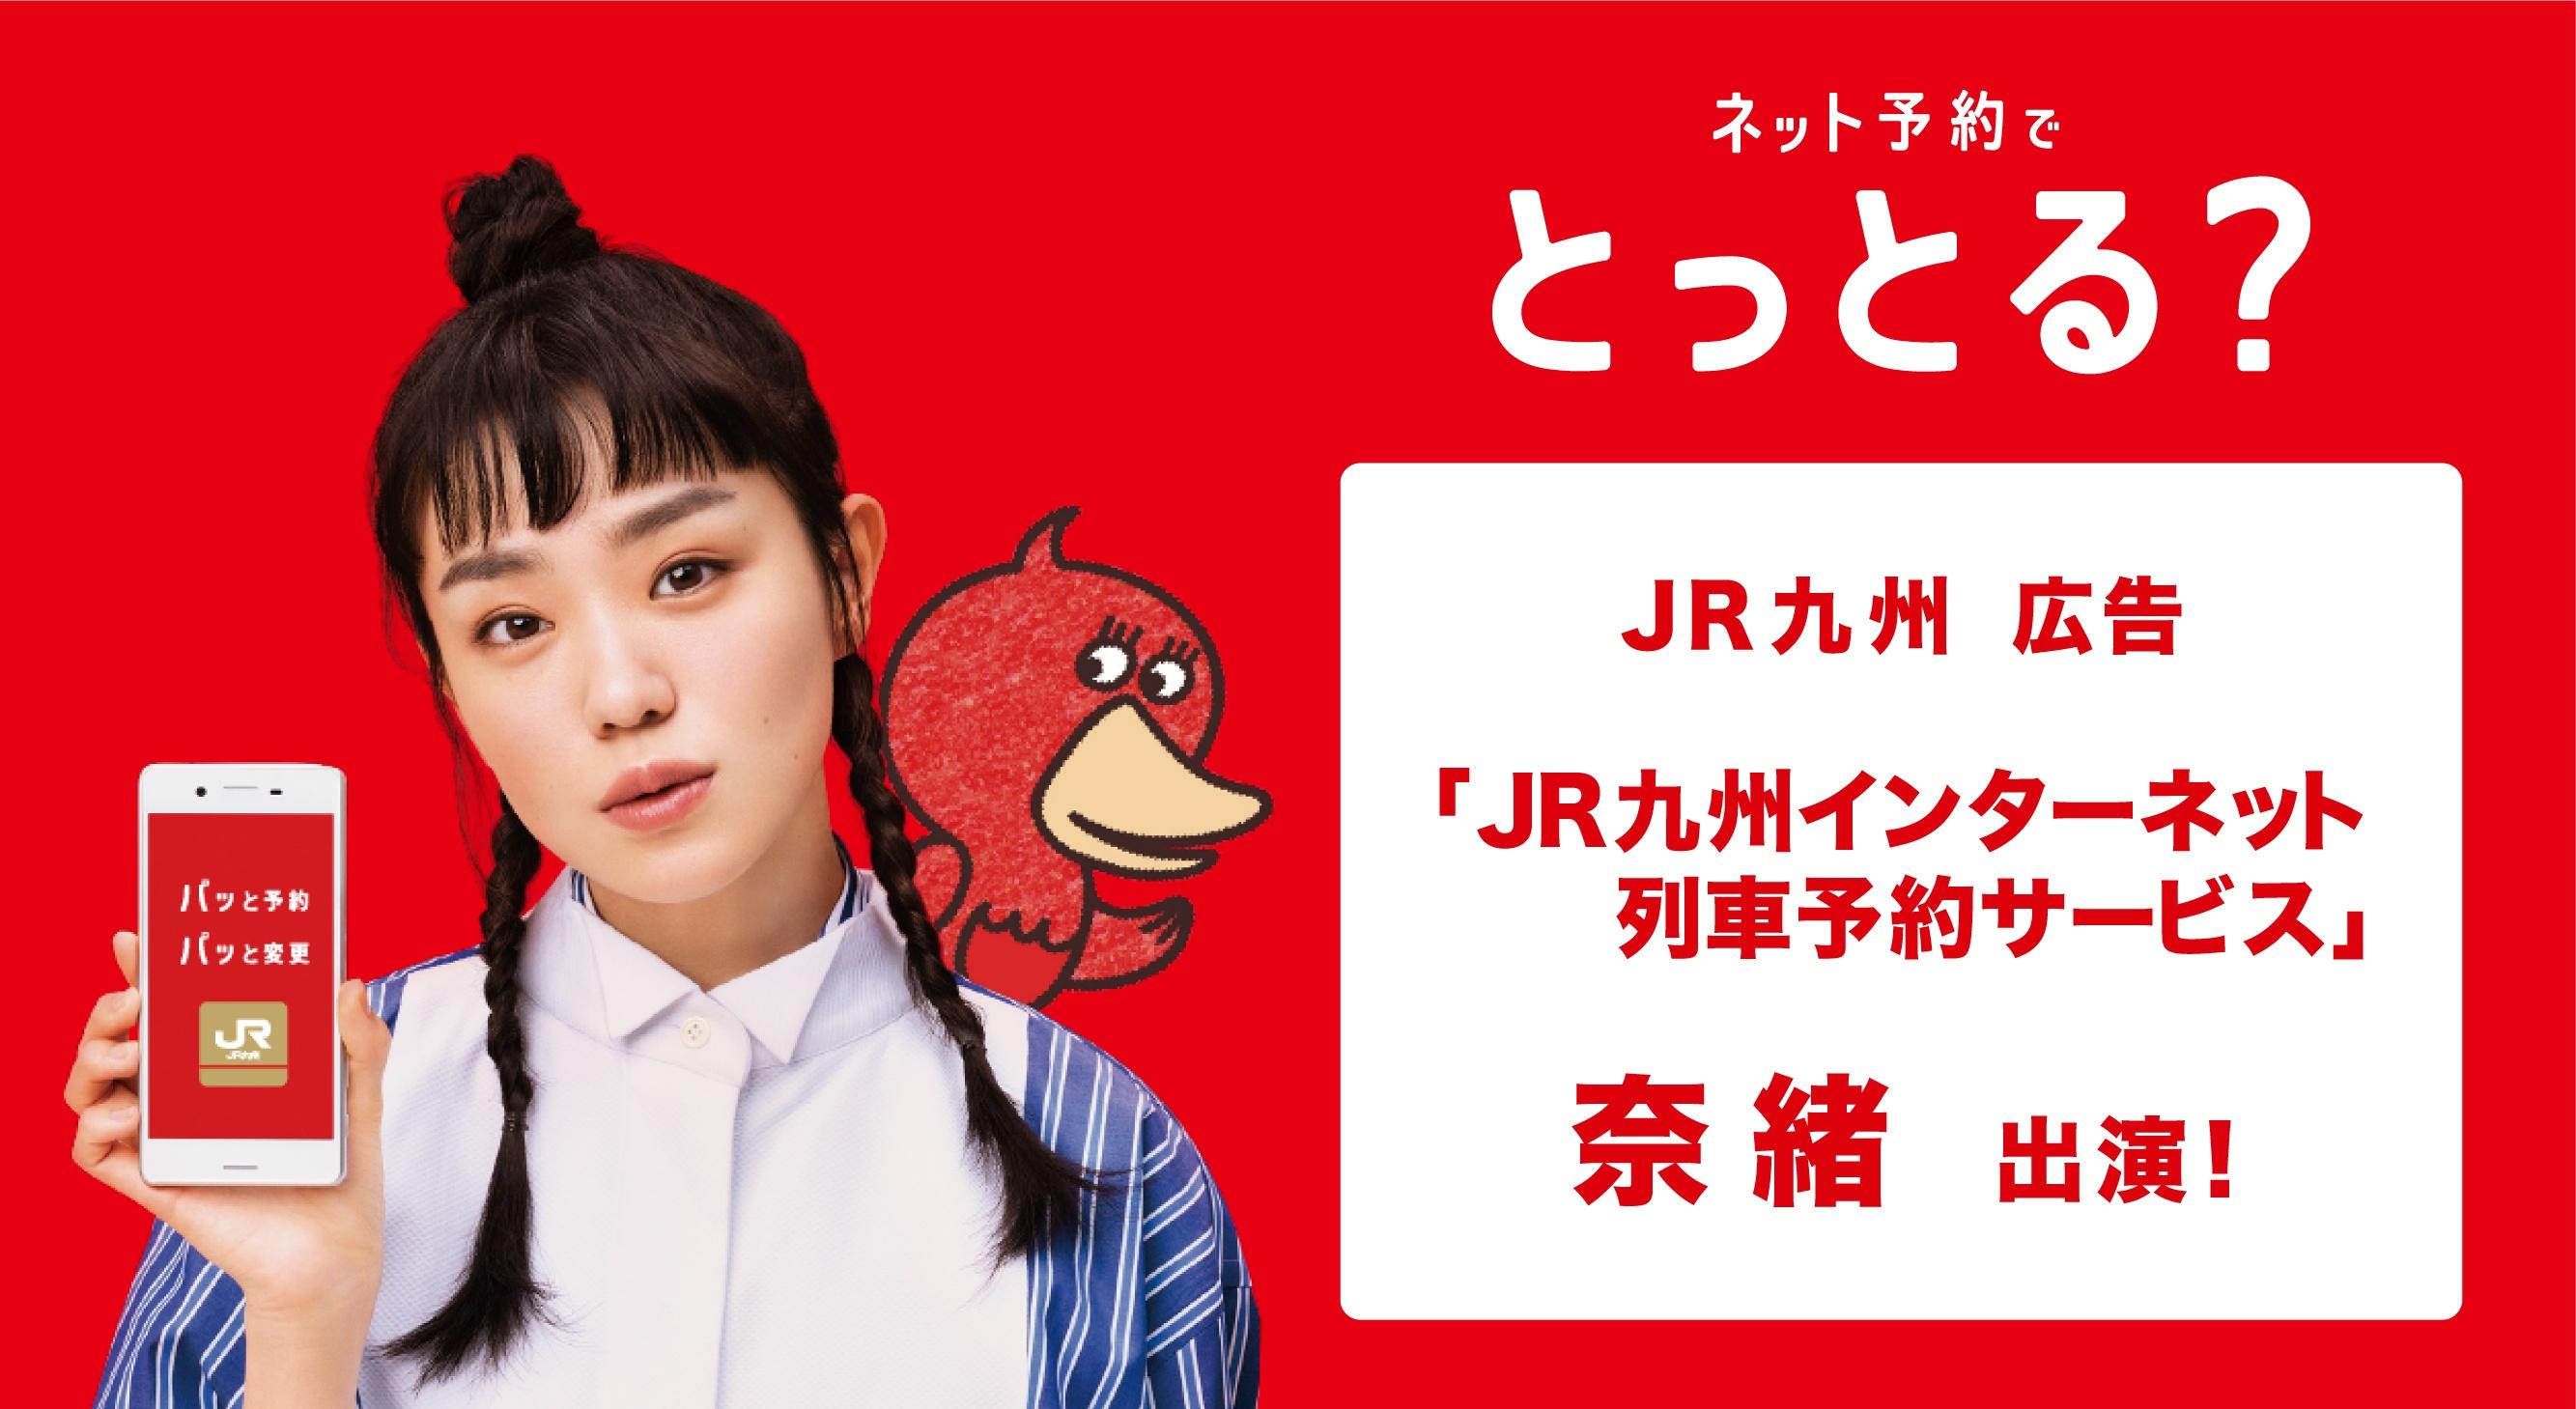 奈緒 JR九州CM「ネット予約」